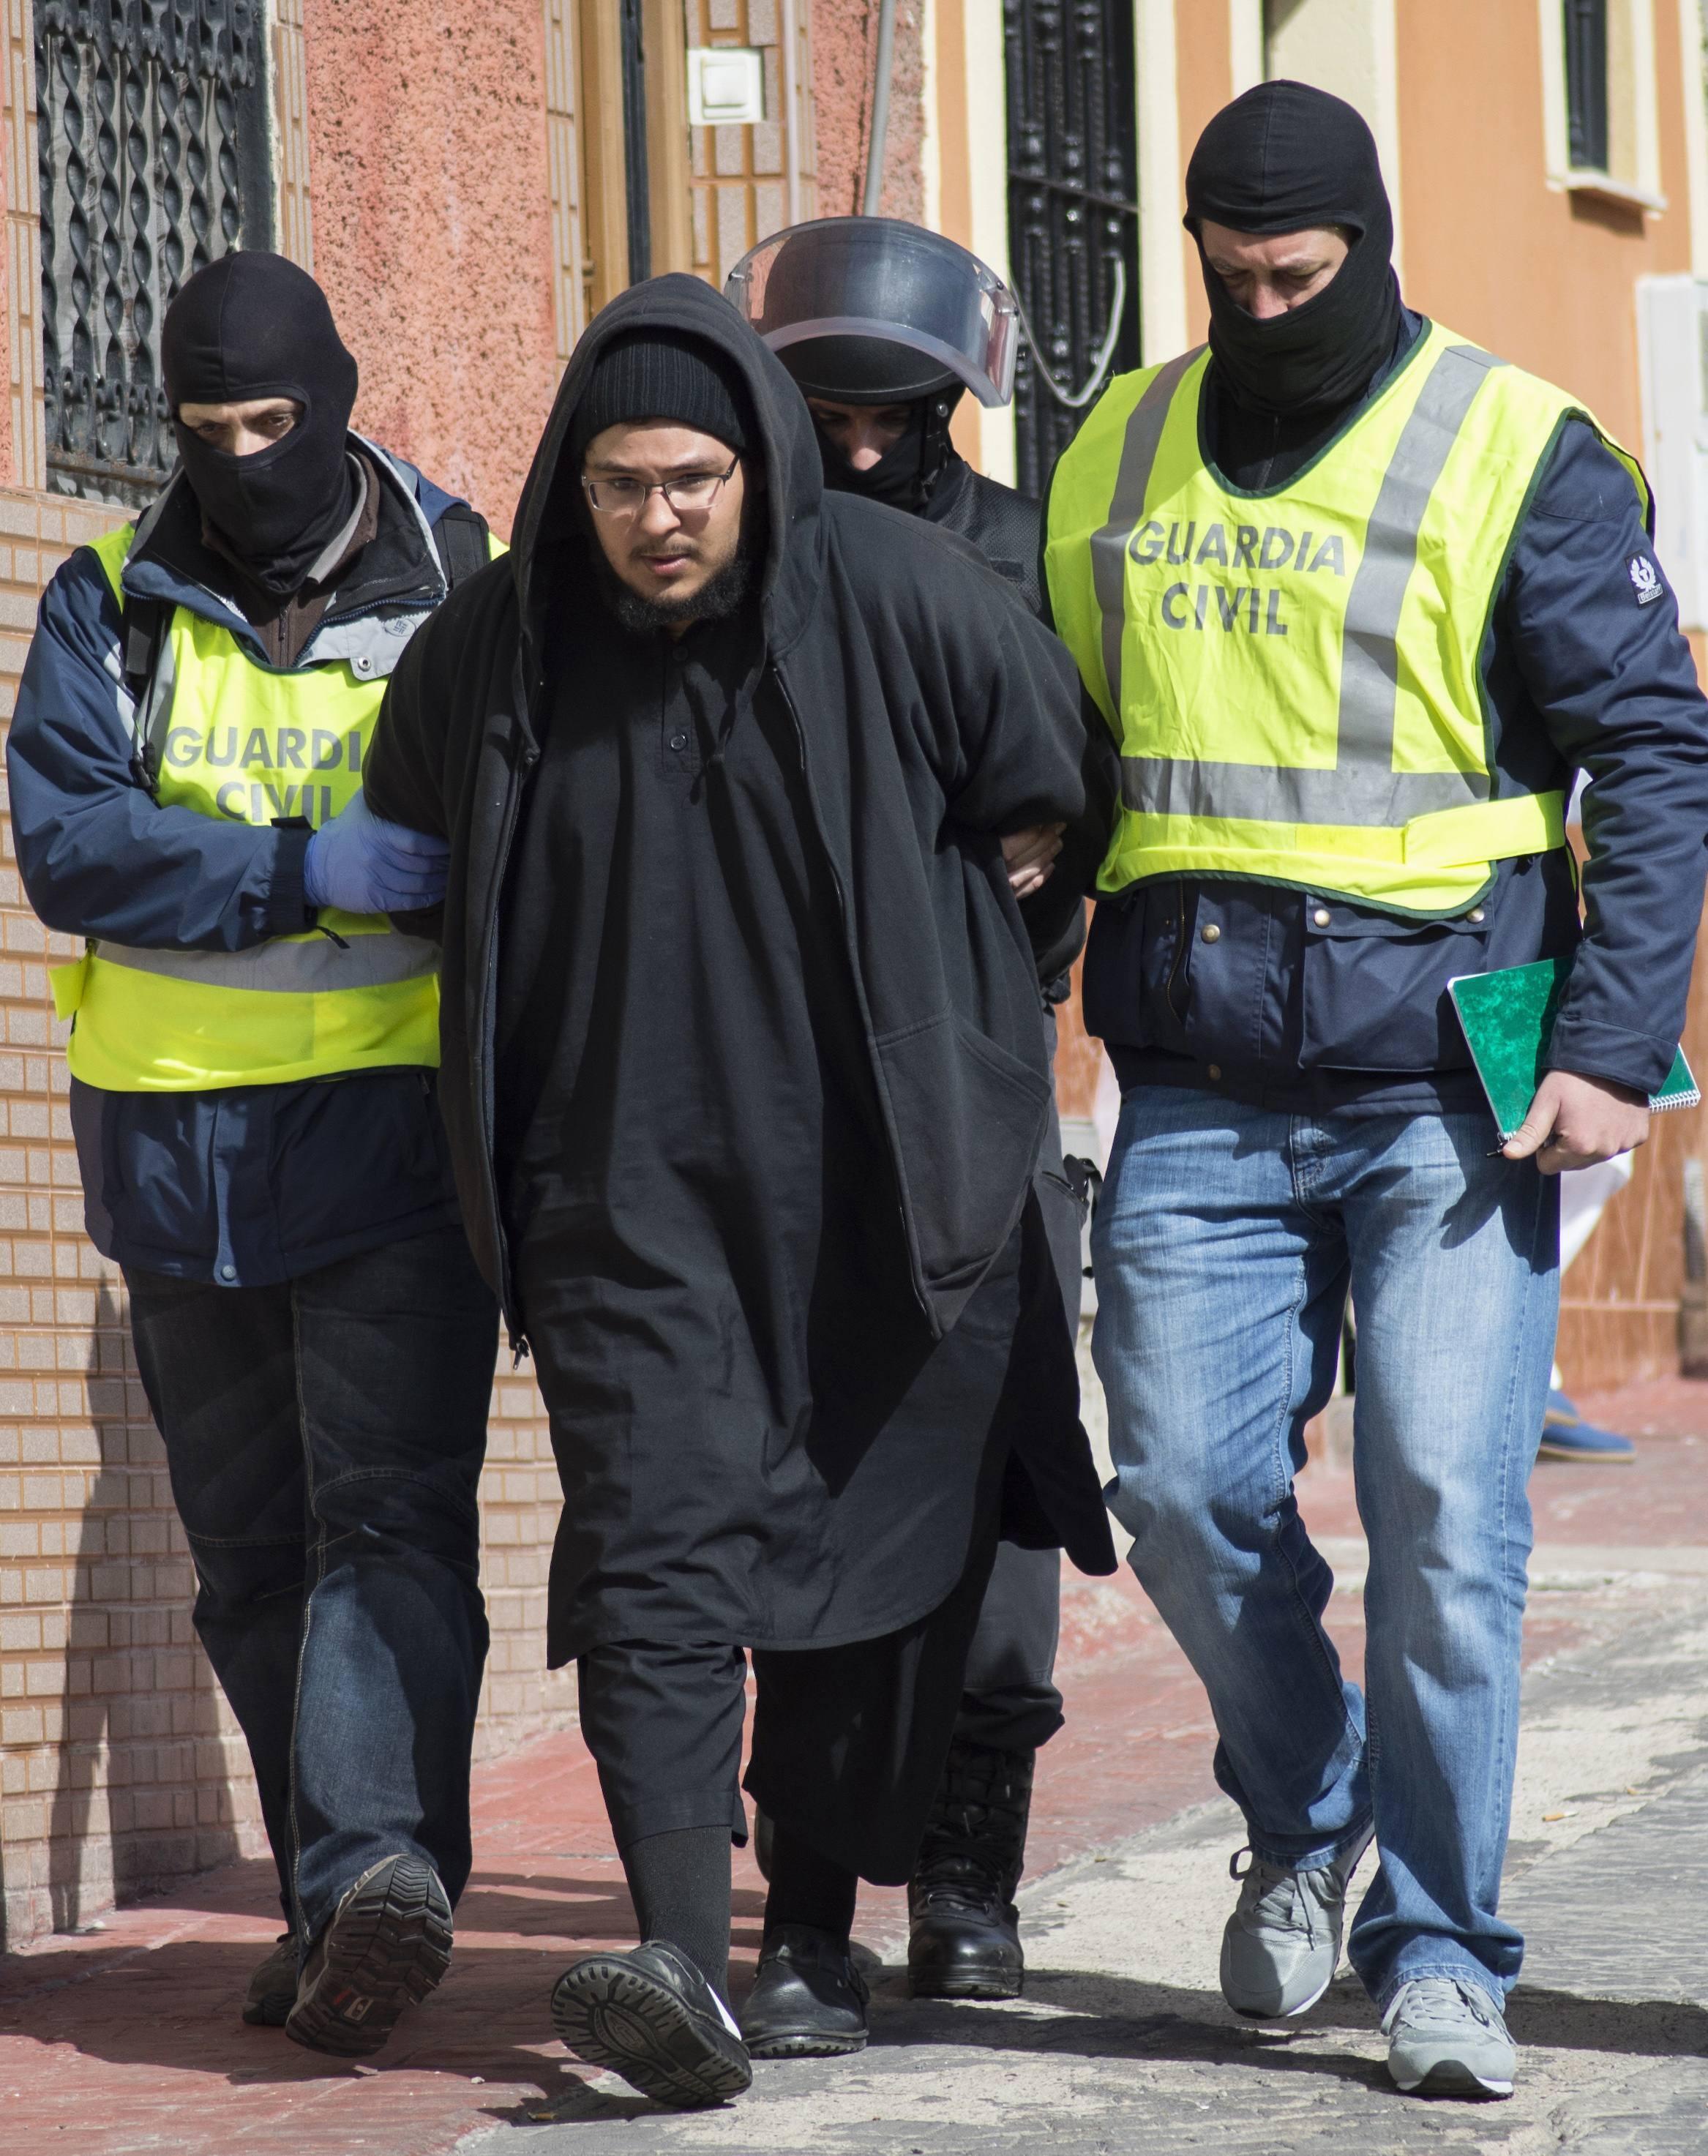 Tây Ban Nha phá vỡ mạng lưới tuyển mộ phụ nữ tham gia thánh chiến. Ảnh ngày 24/02/2015.